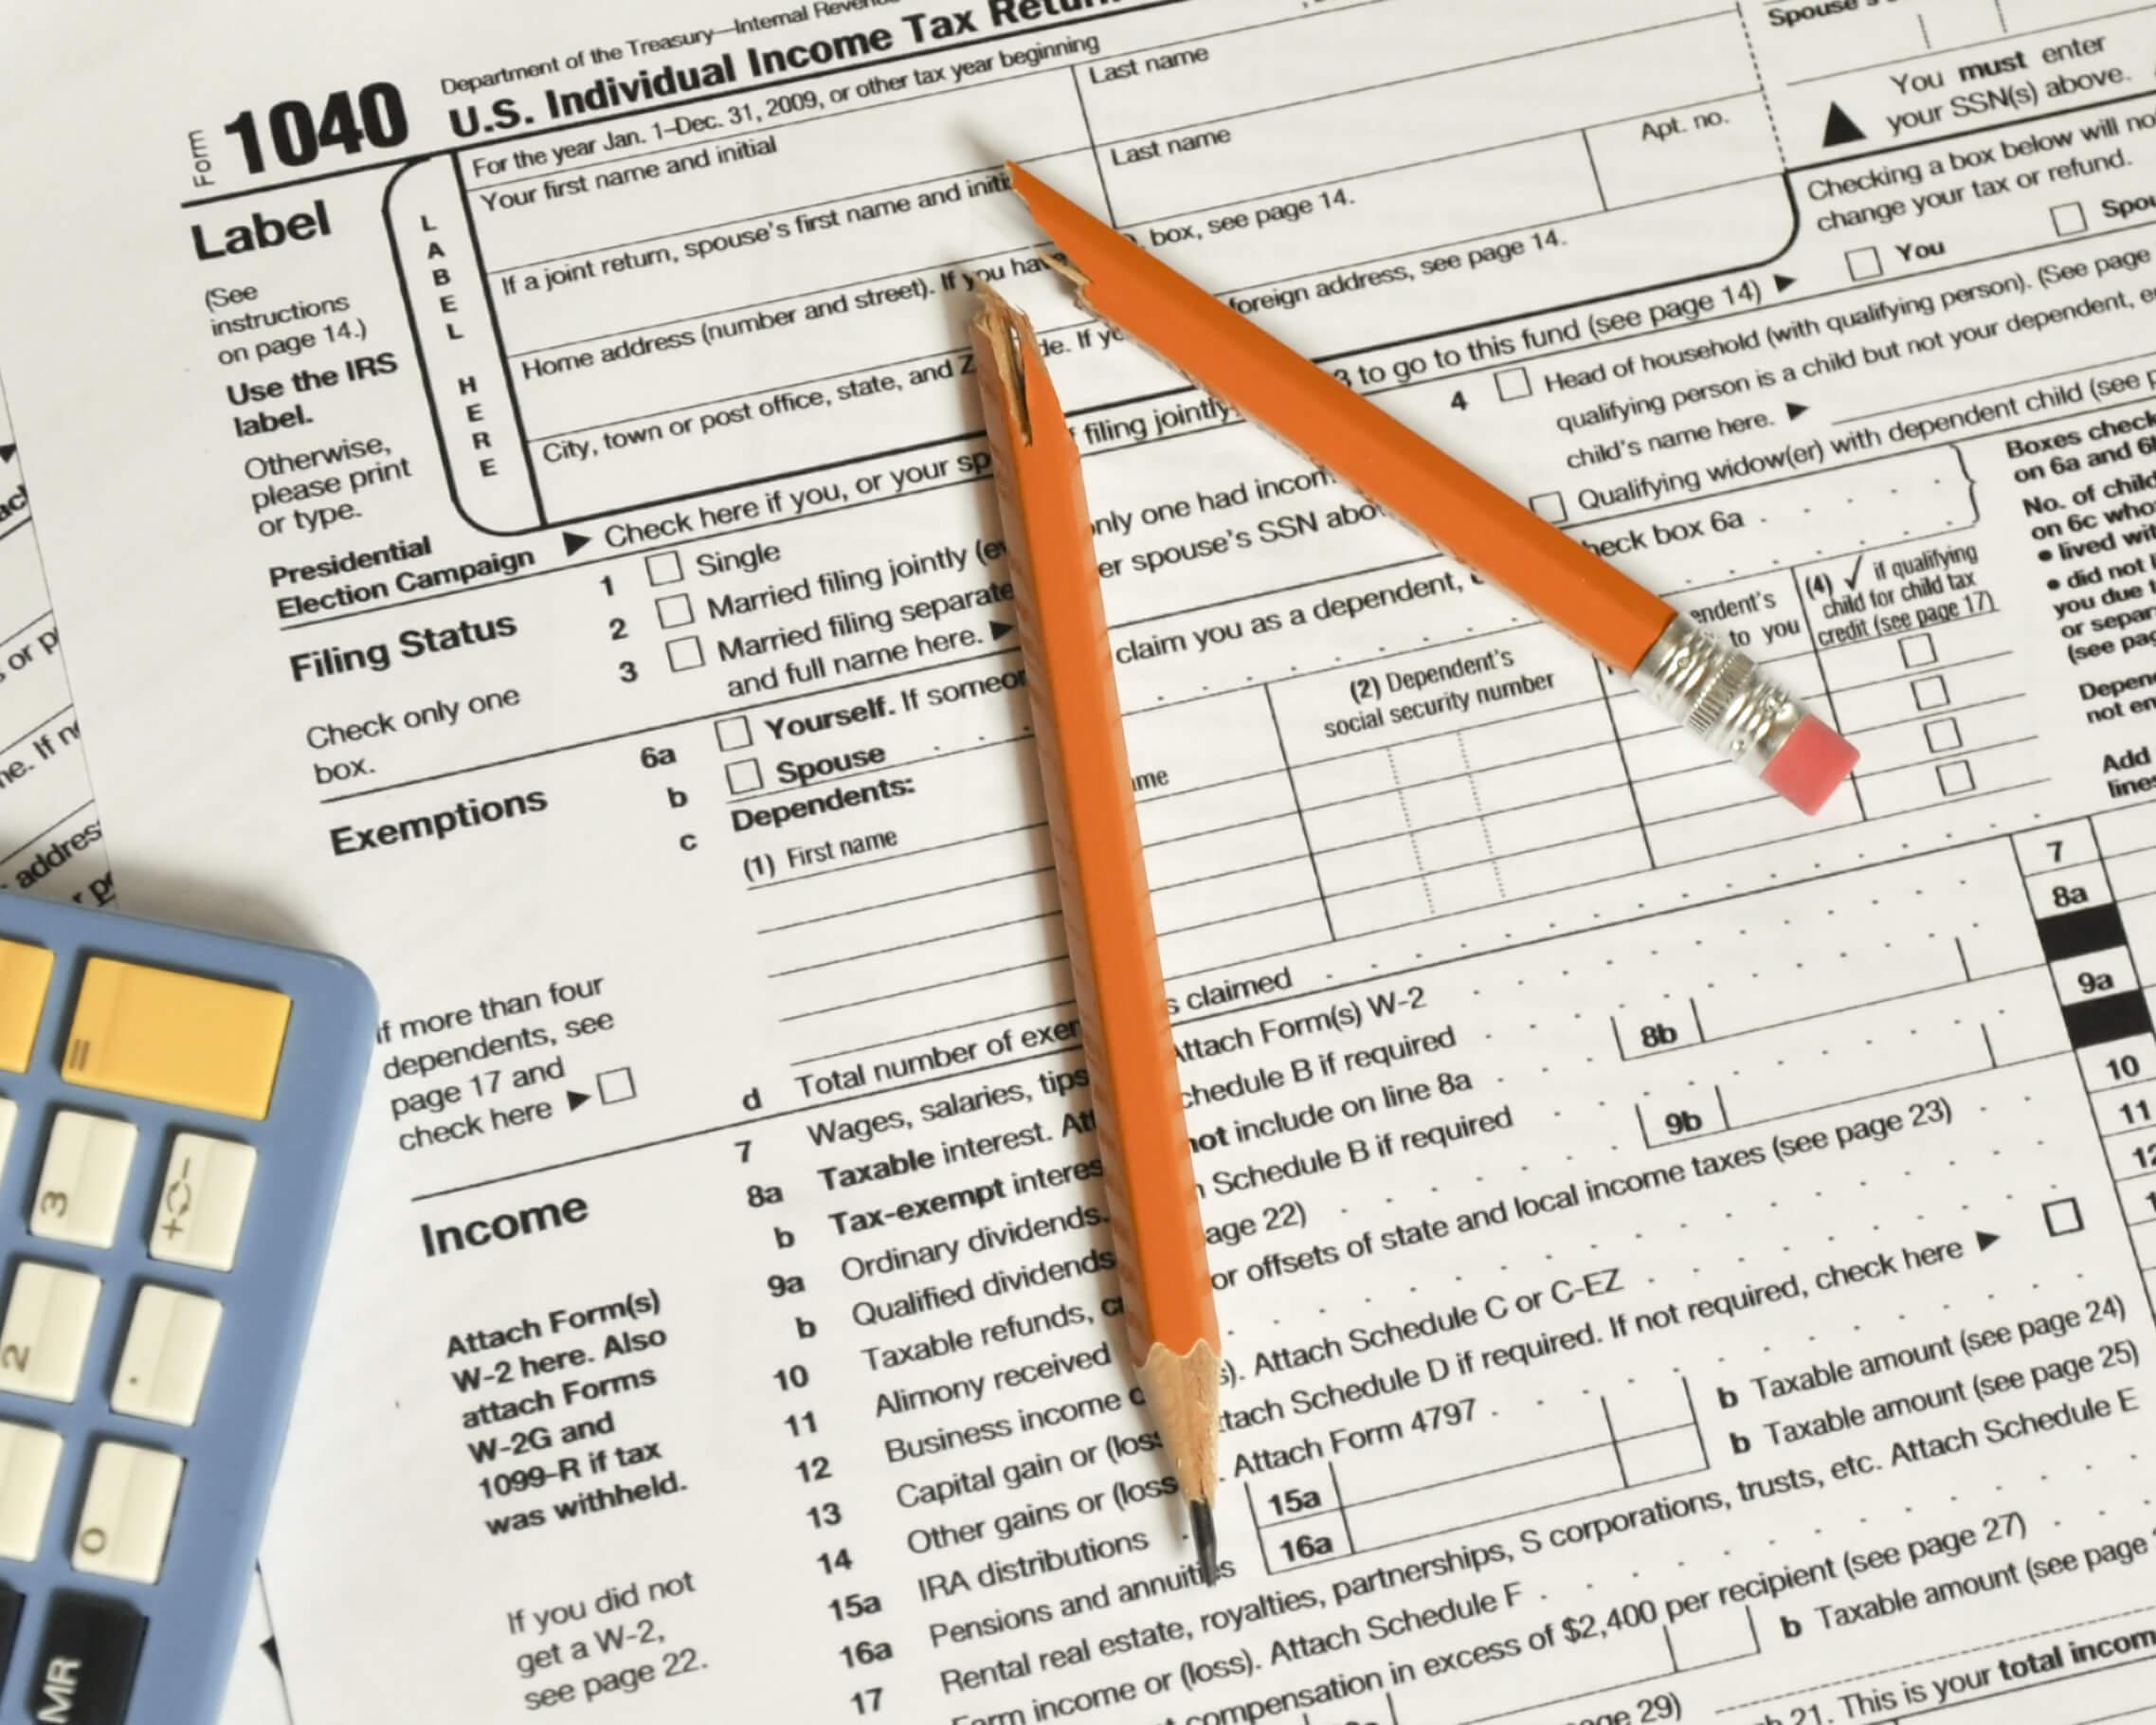 Налоги с цифровой валюты нужно платить, — налоговая служба США